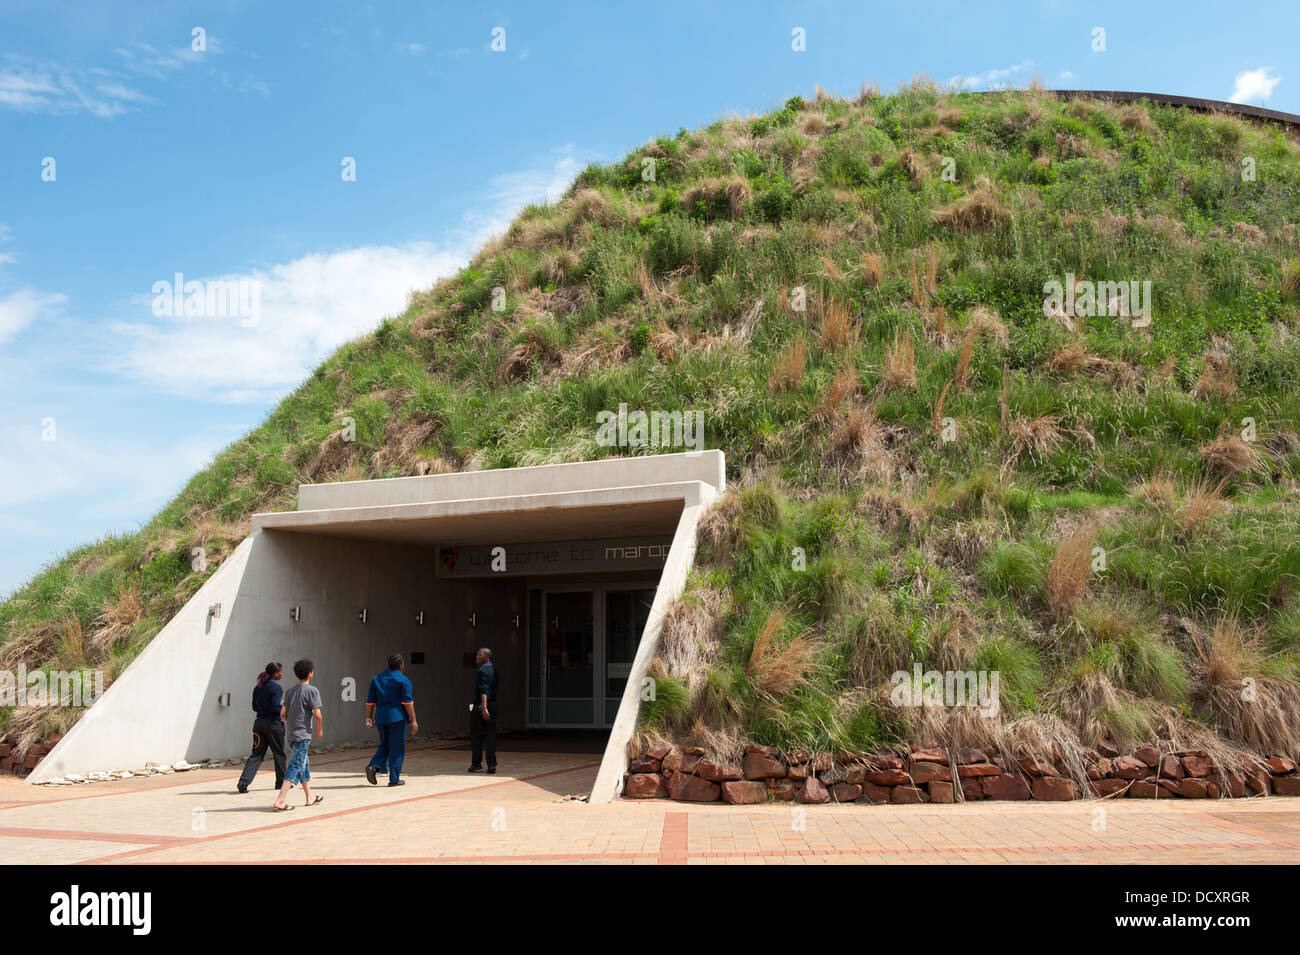 Maropeng Visitor Center presso la culla dell'Umanità, vicino Johannesburg, Sud Africa Immagini Stock